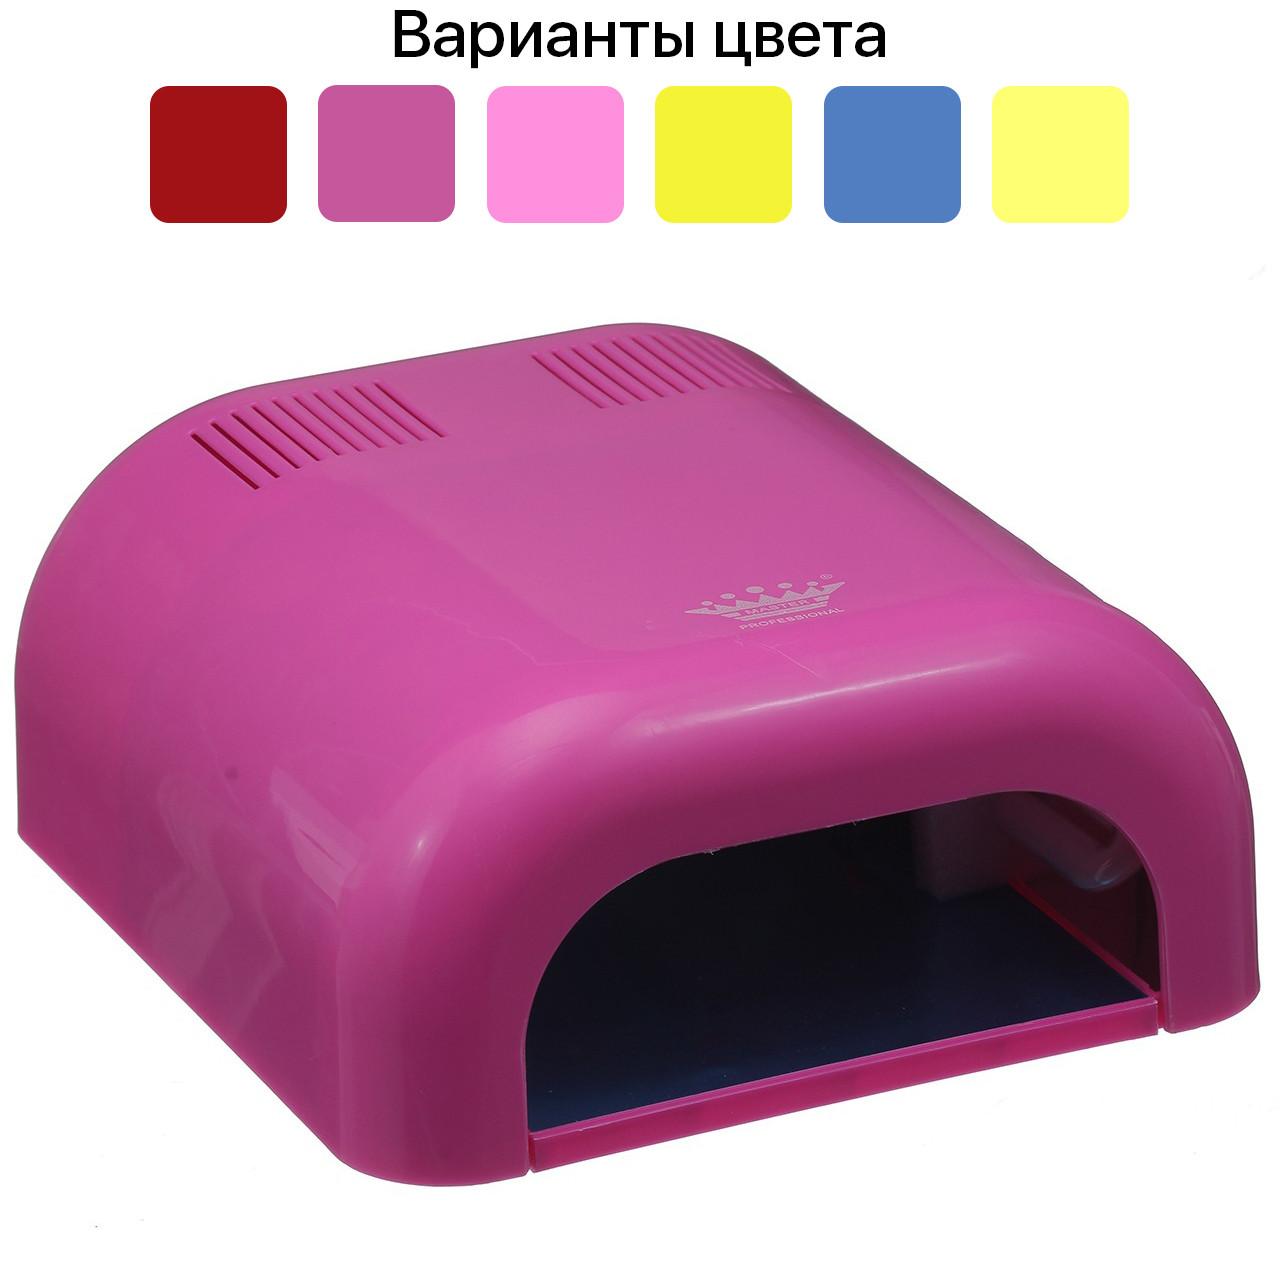 УФ лампа для сушіння нігтів для манікюру сушарка гель-лаку